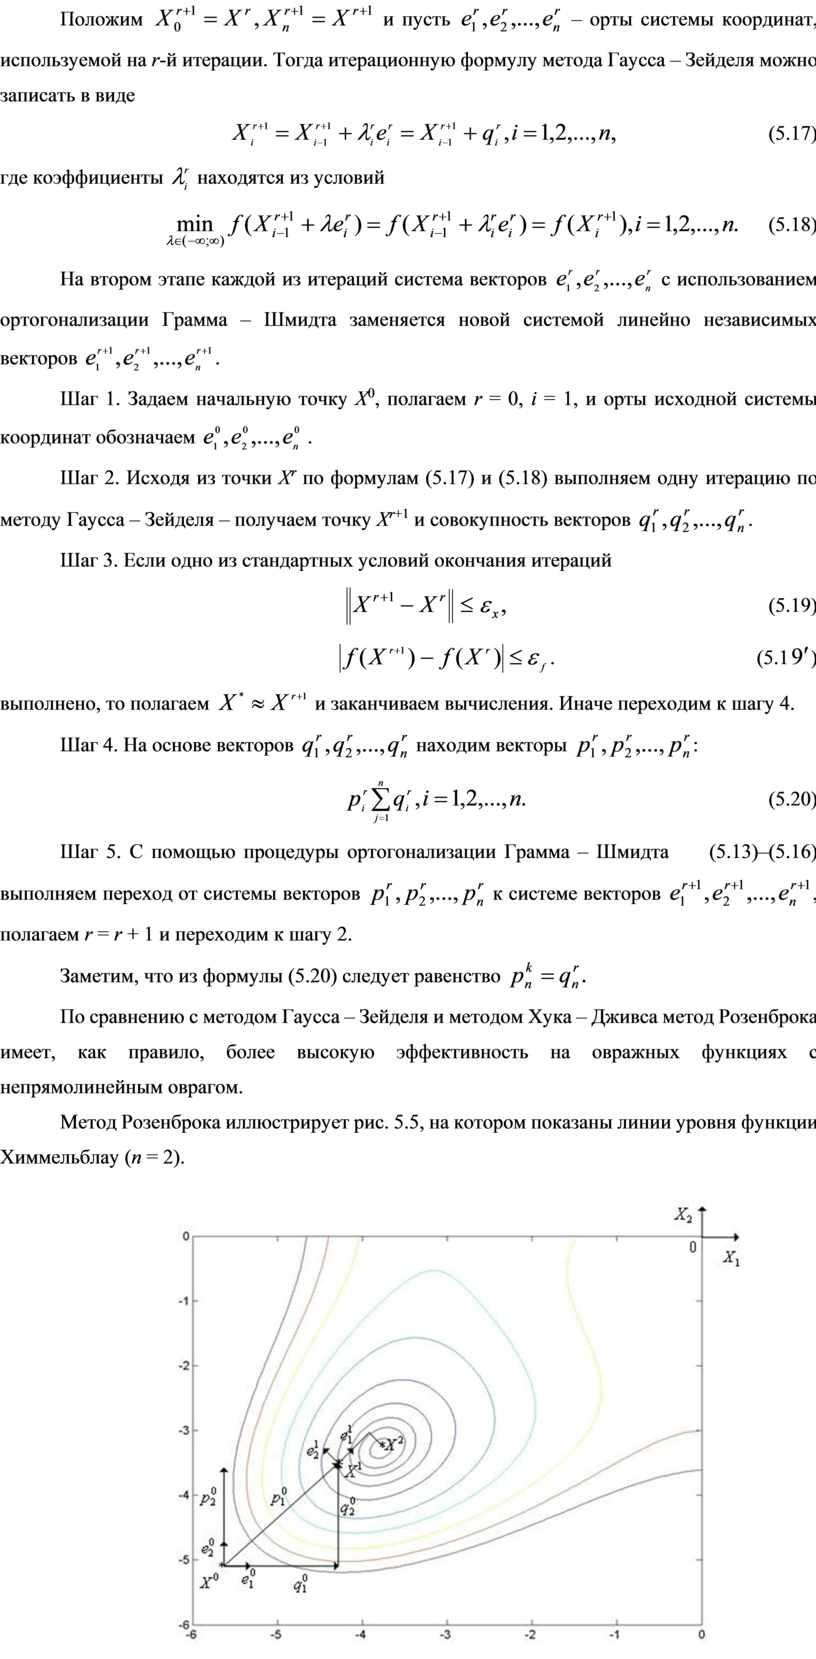 Положим и пусть – орты системы координат, используемой на r -й итерации